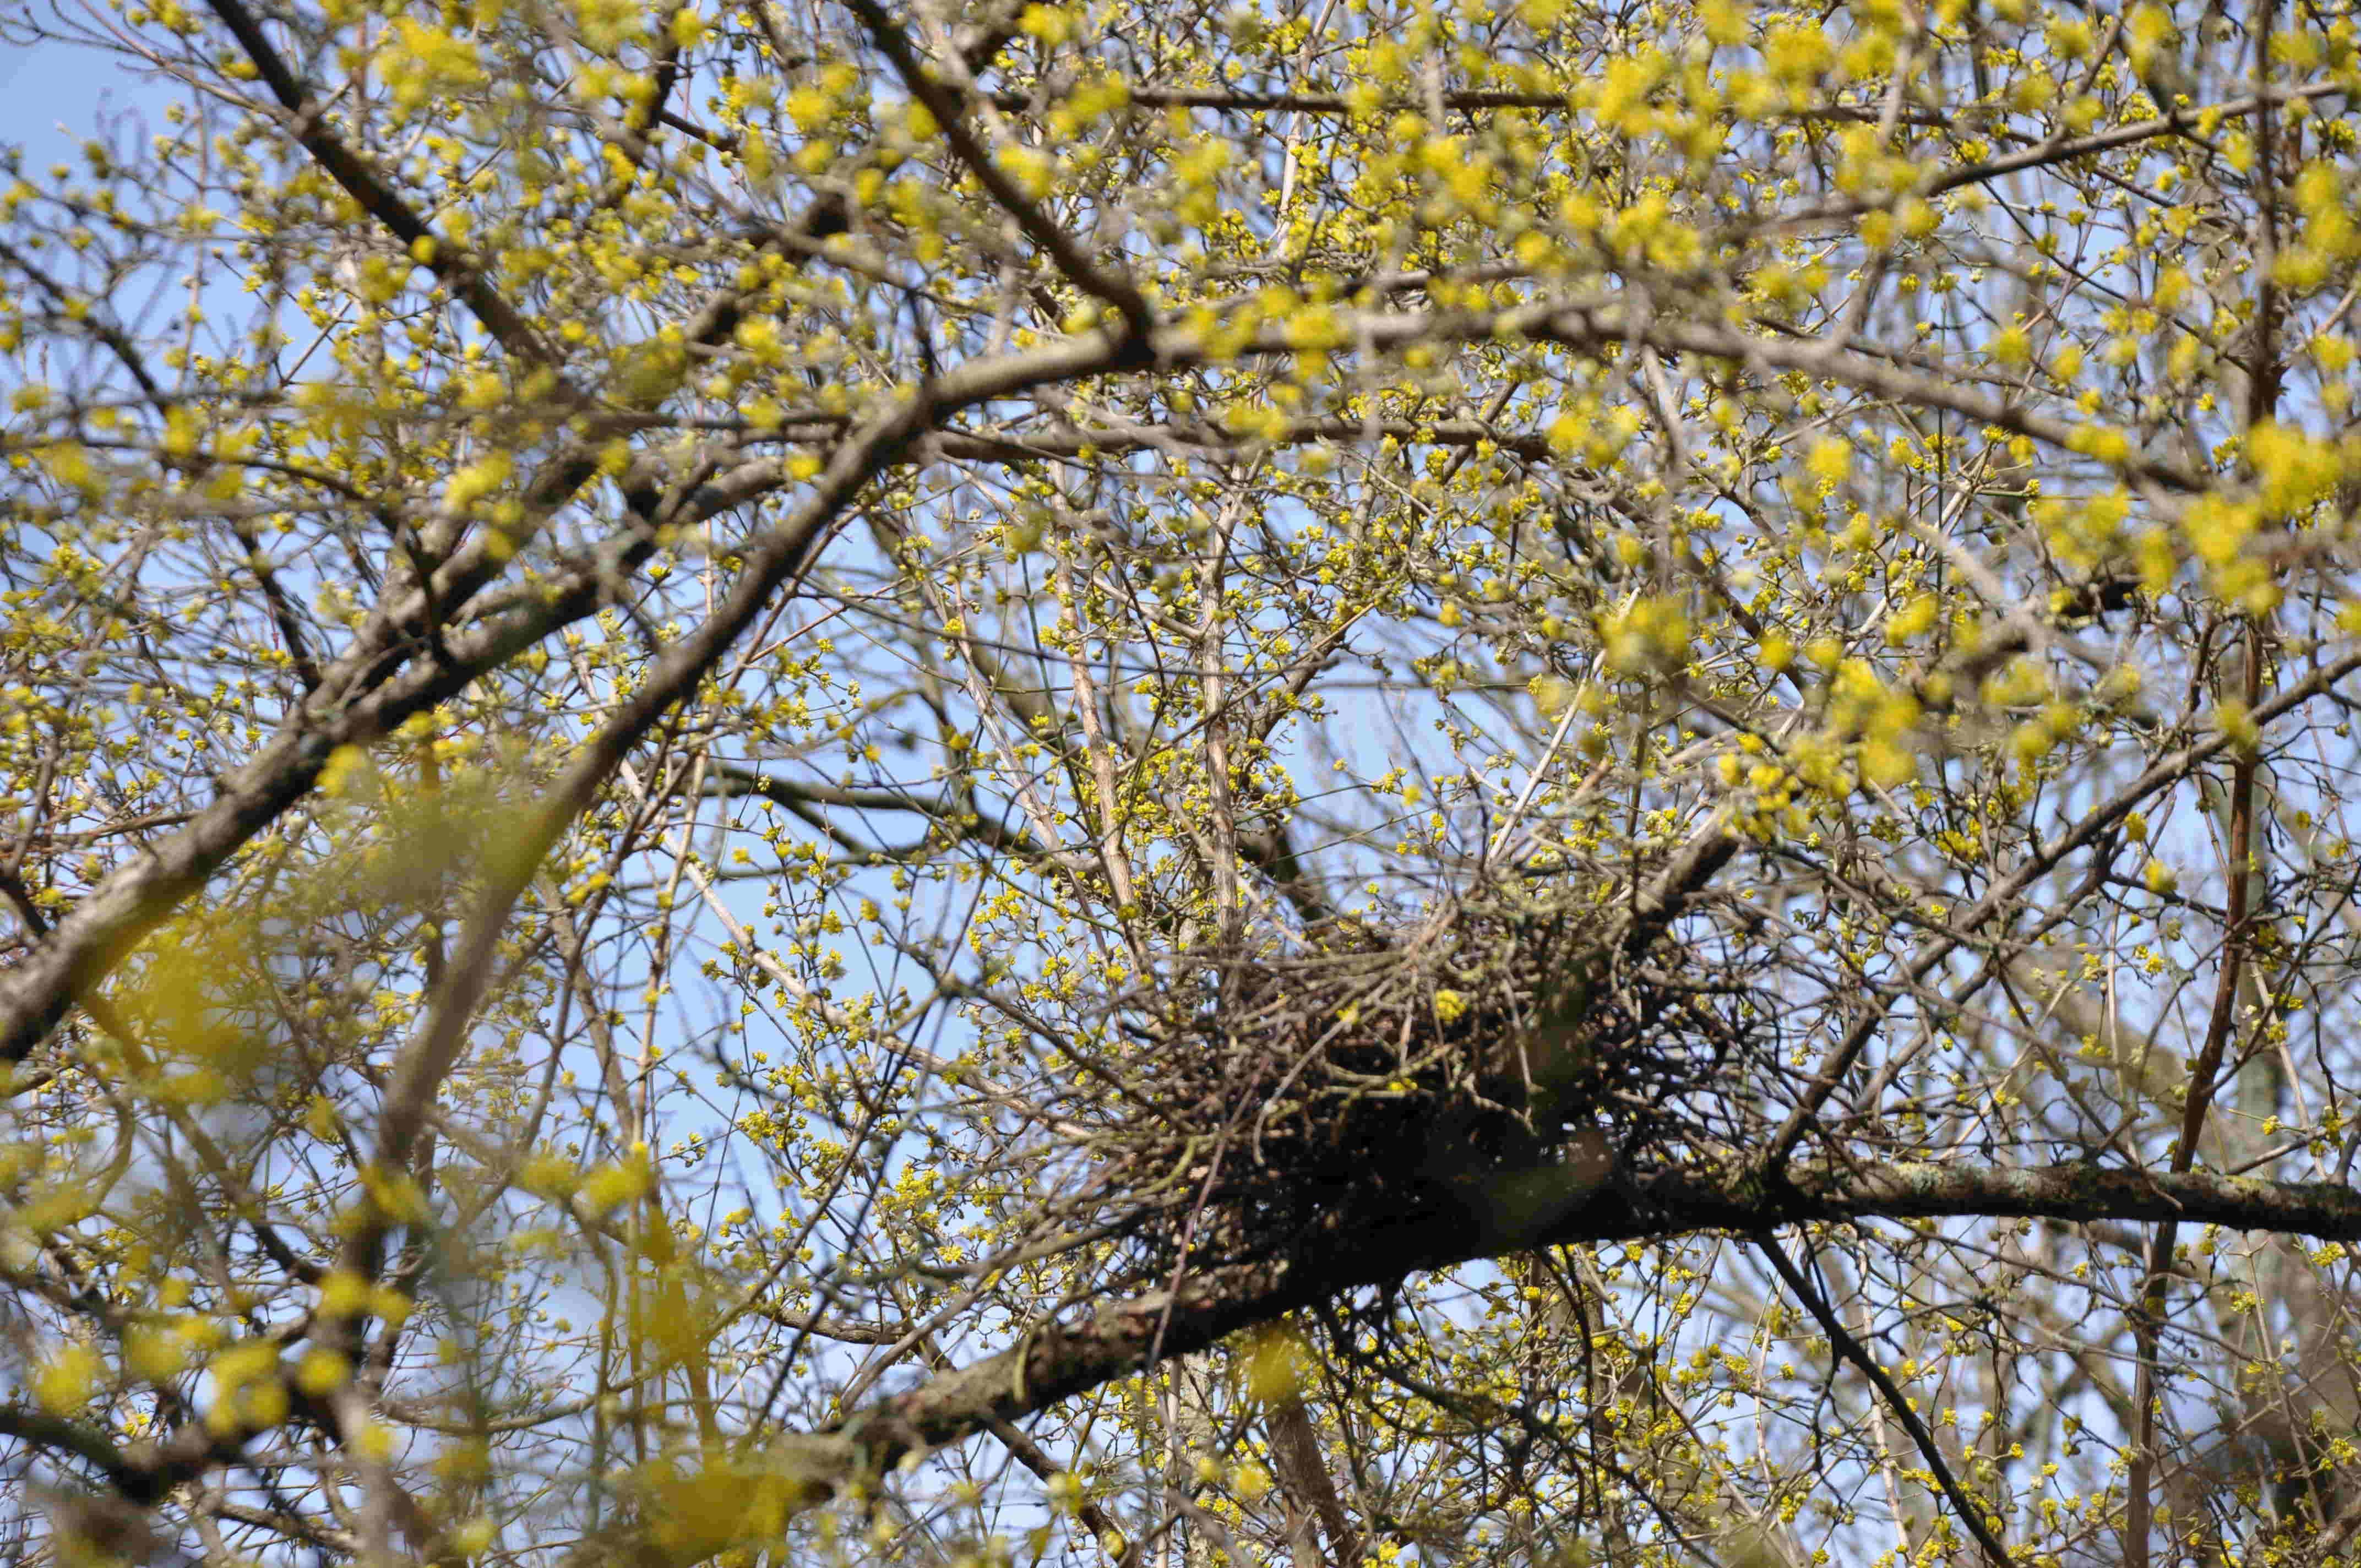 Fåglarna trivs i skyddet av det täta grenverket hos körsbärskornellen.